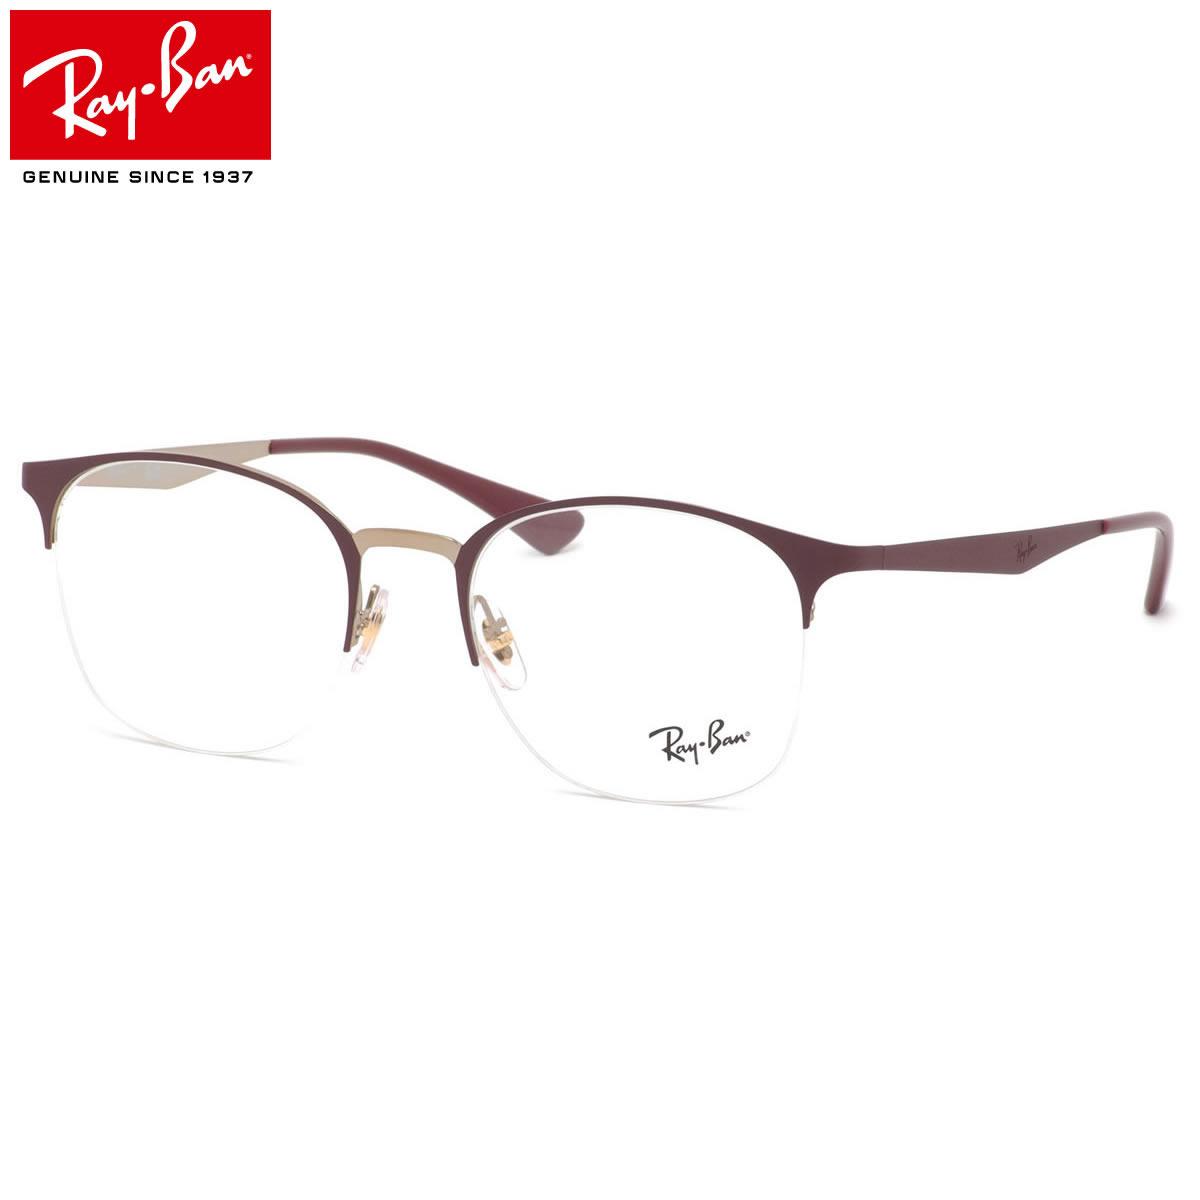 Ray-Ban レイバン メガネ RX6422 3007 51サイズ Stylish HIGHSTREET スタイリッシュ ハイストリート ナイロール ハーフリム シートメタル ブロー メンズ レディース